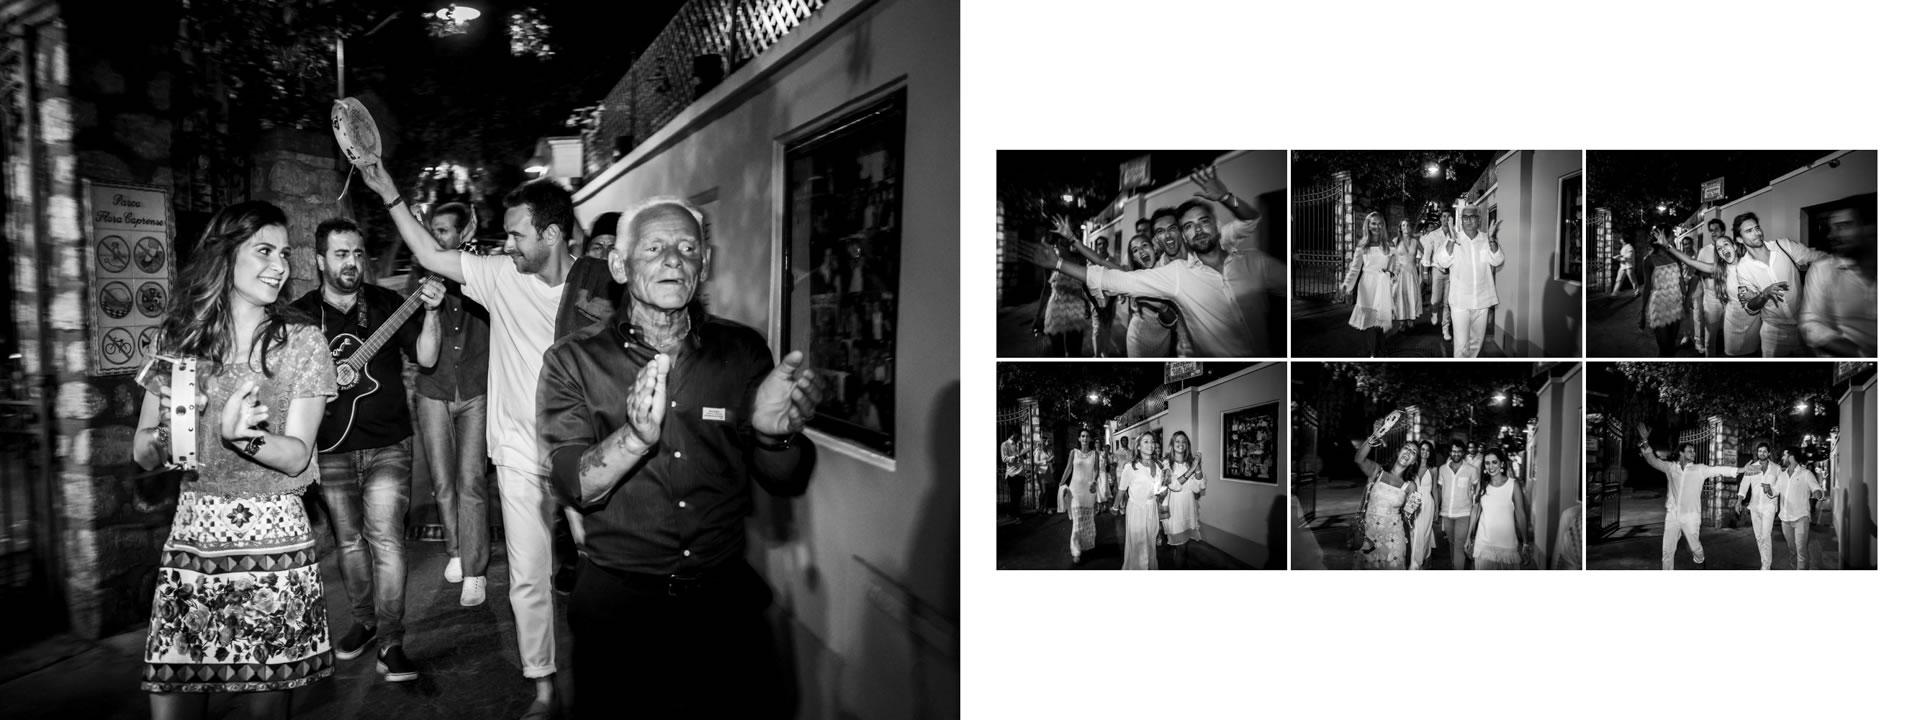 - 11 :: Jewish luxury wedding weekend in Capri :: Luxury wedding photography - 10 ::  - 11